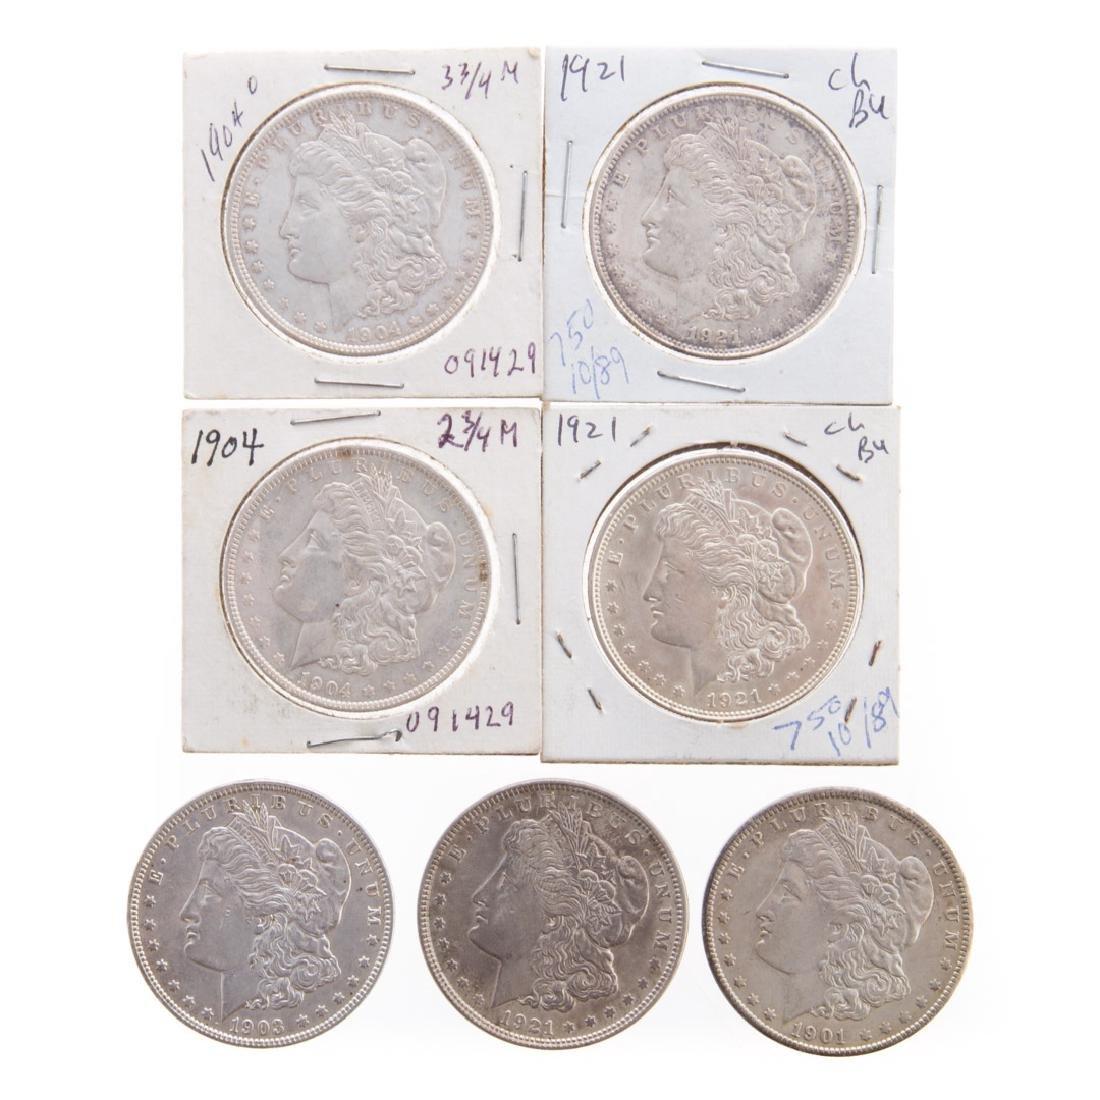 [US] Seven better Morgan Dollars